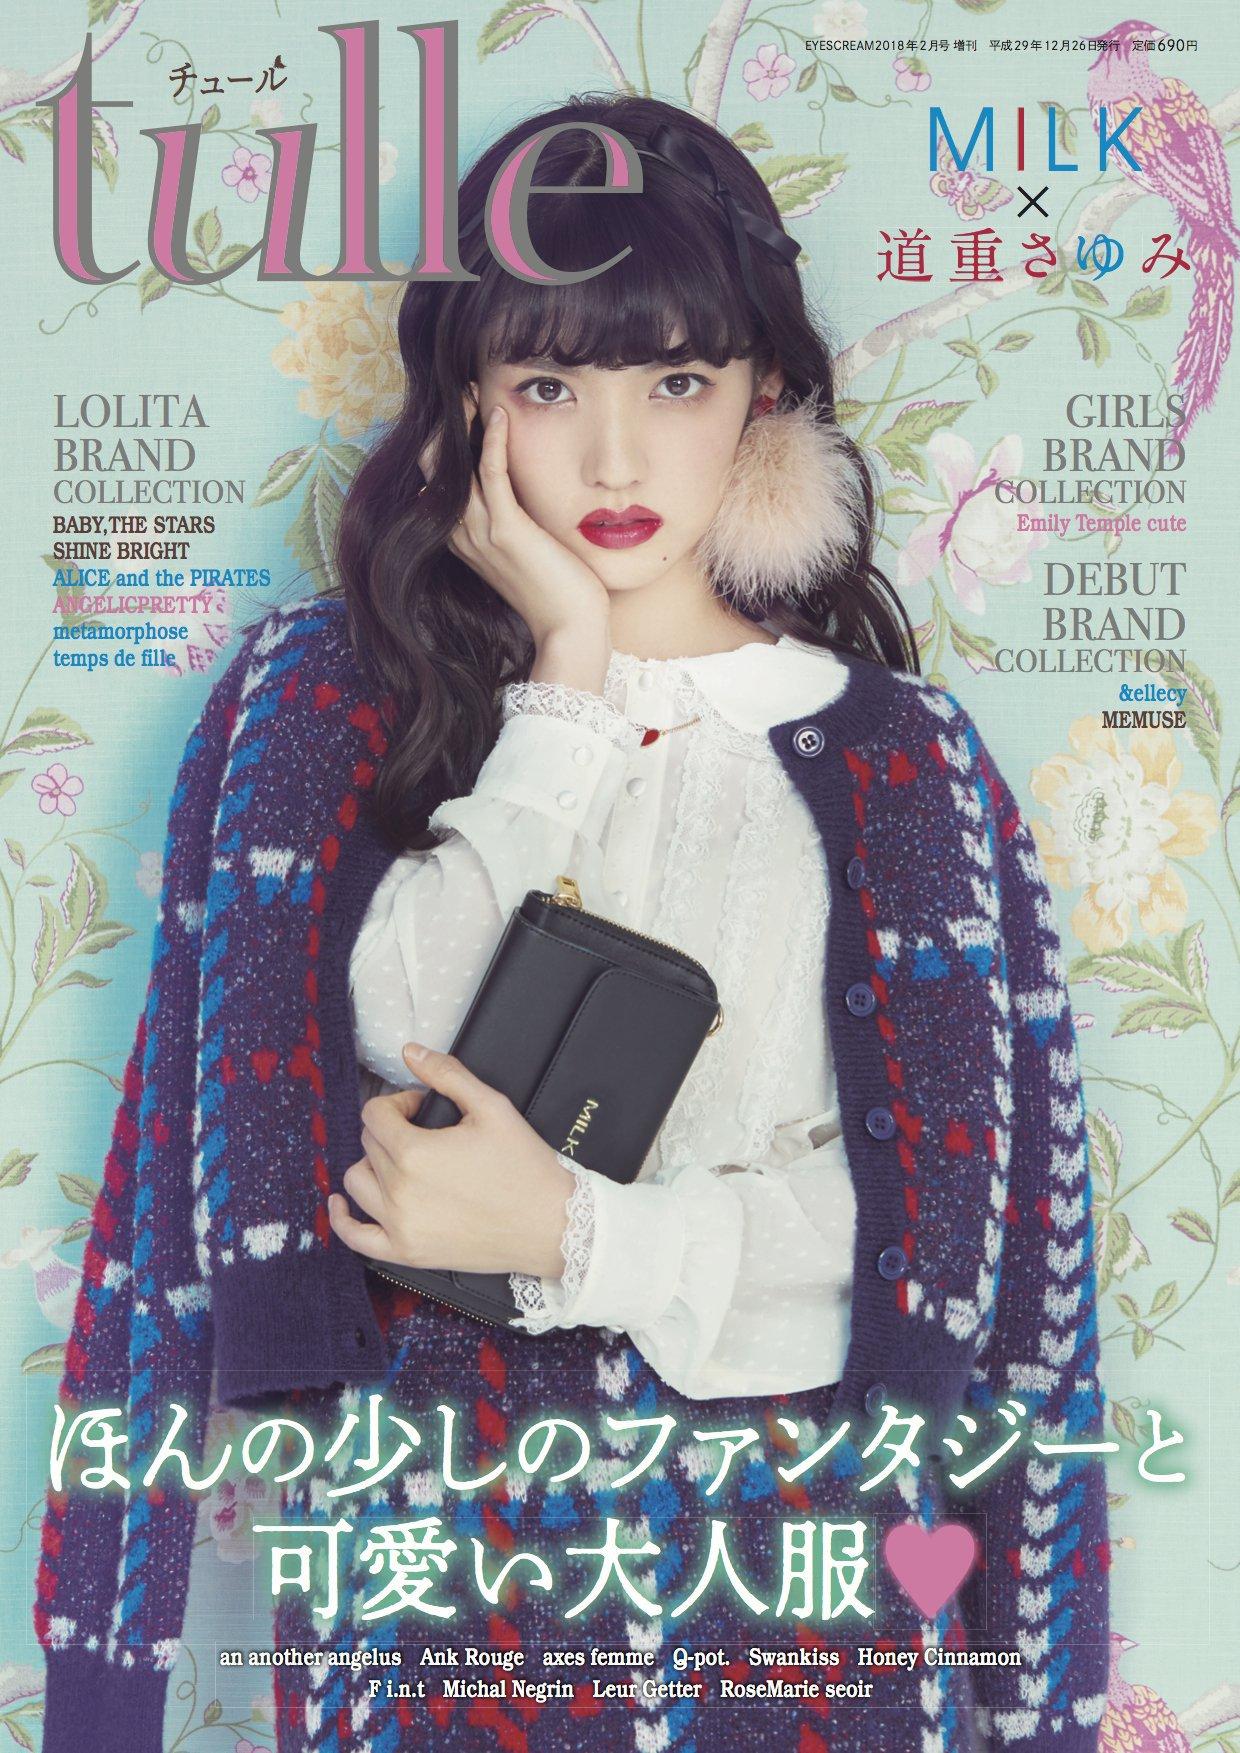 Magazine, Michishige Sayumi (道重さゆみ)